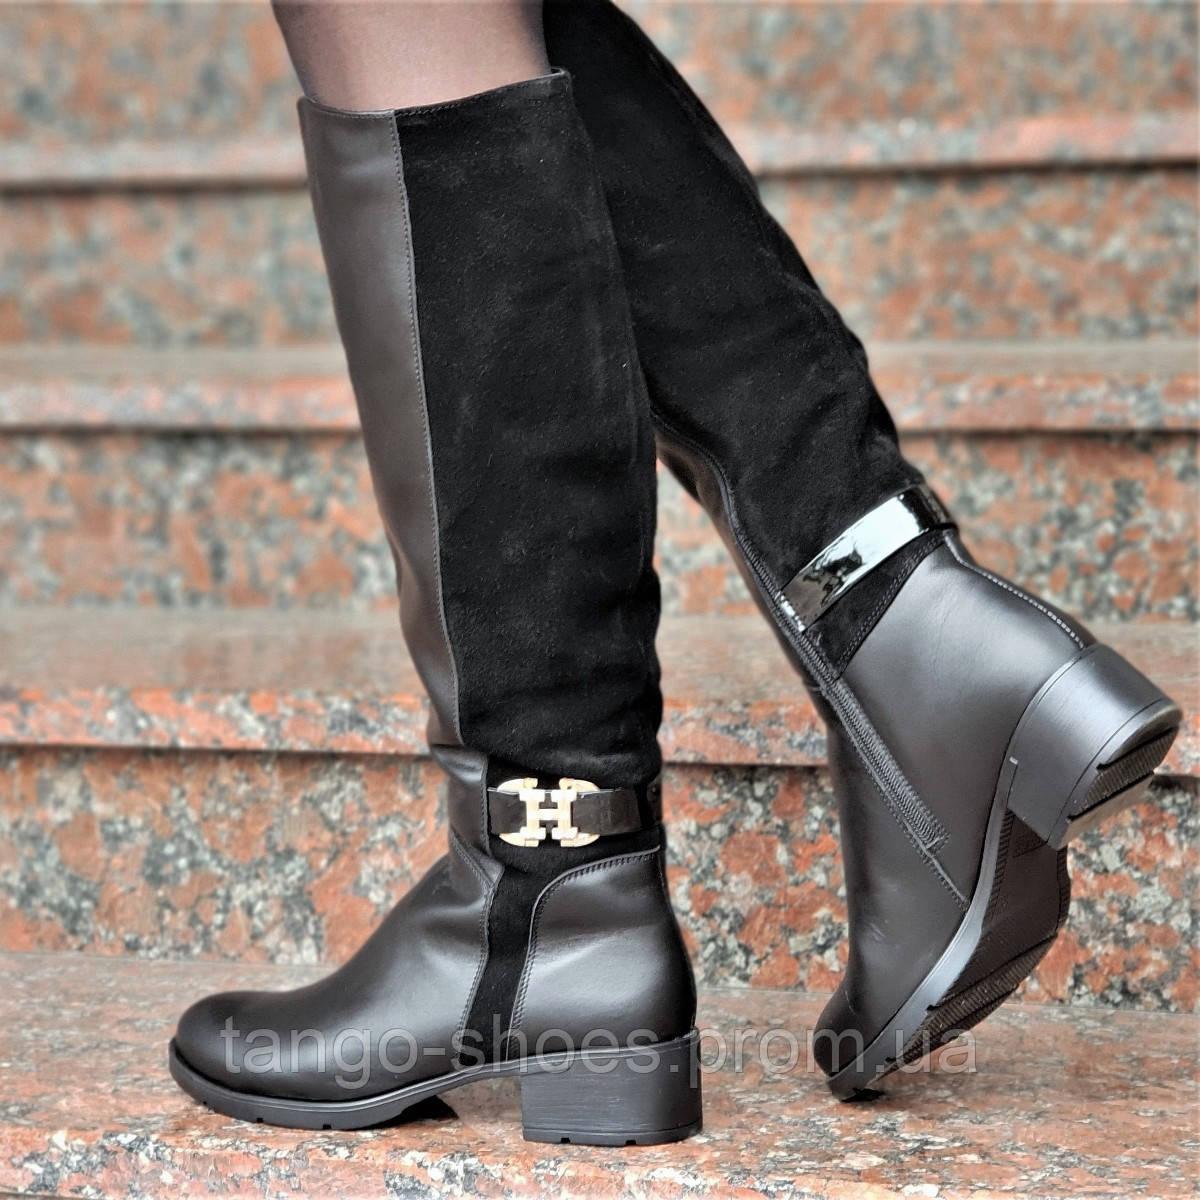 0b9a35ec0 Женские зимние сапоги элегантные натуральная кожа, замша черные мех удобные  (Код: Т1246а)